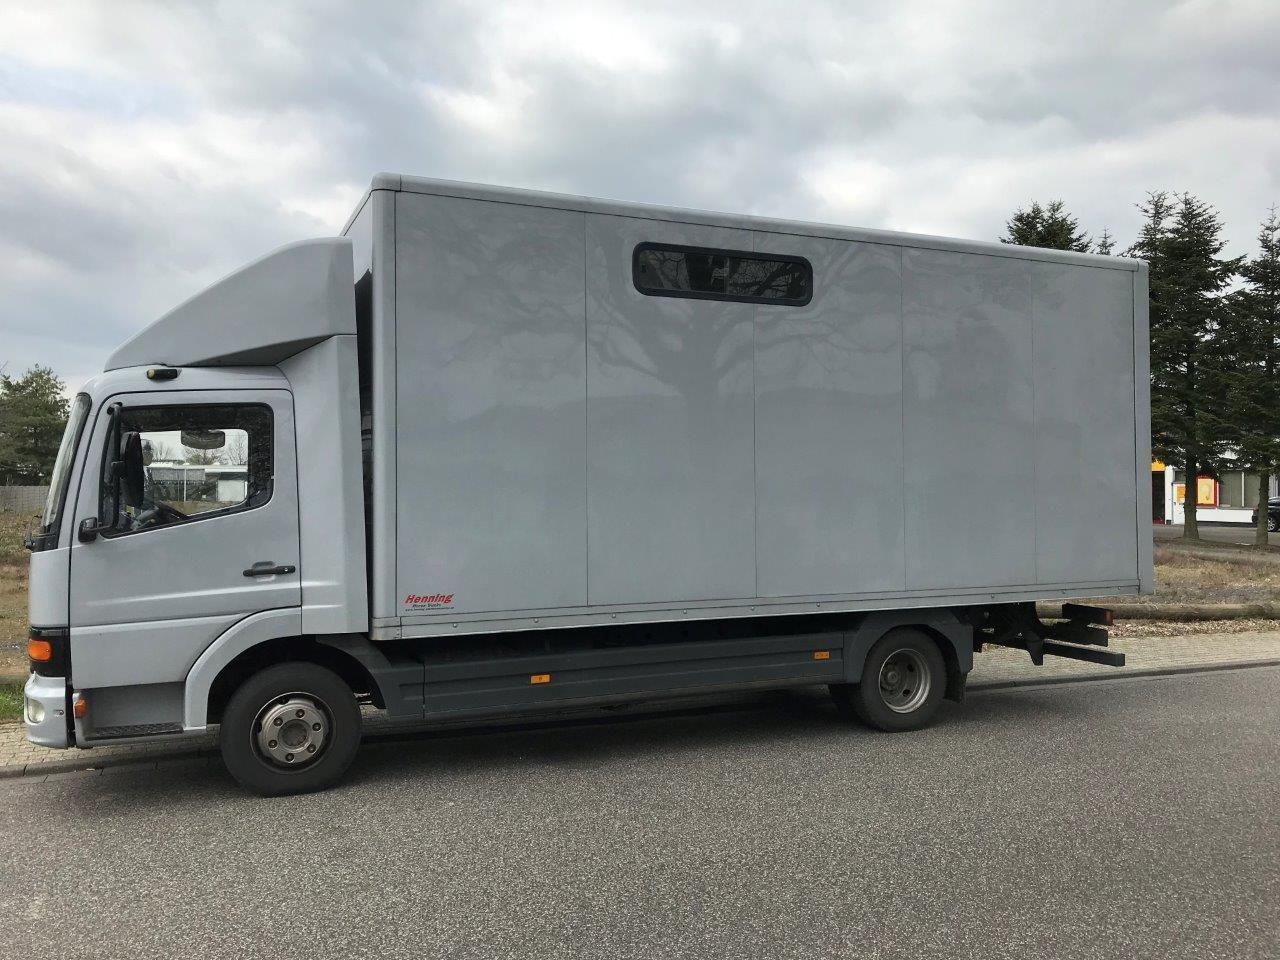 Mercedes Benz Atego 8.15 paardenvrachtwagen